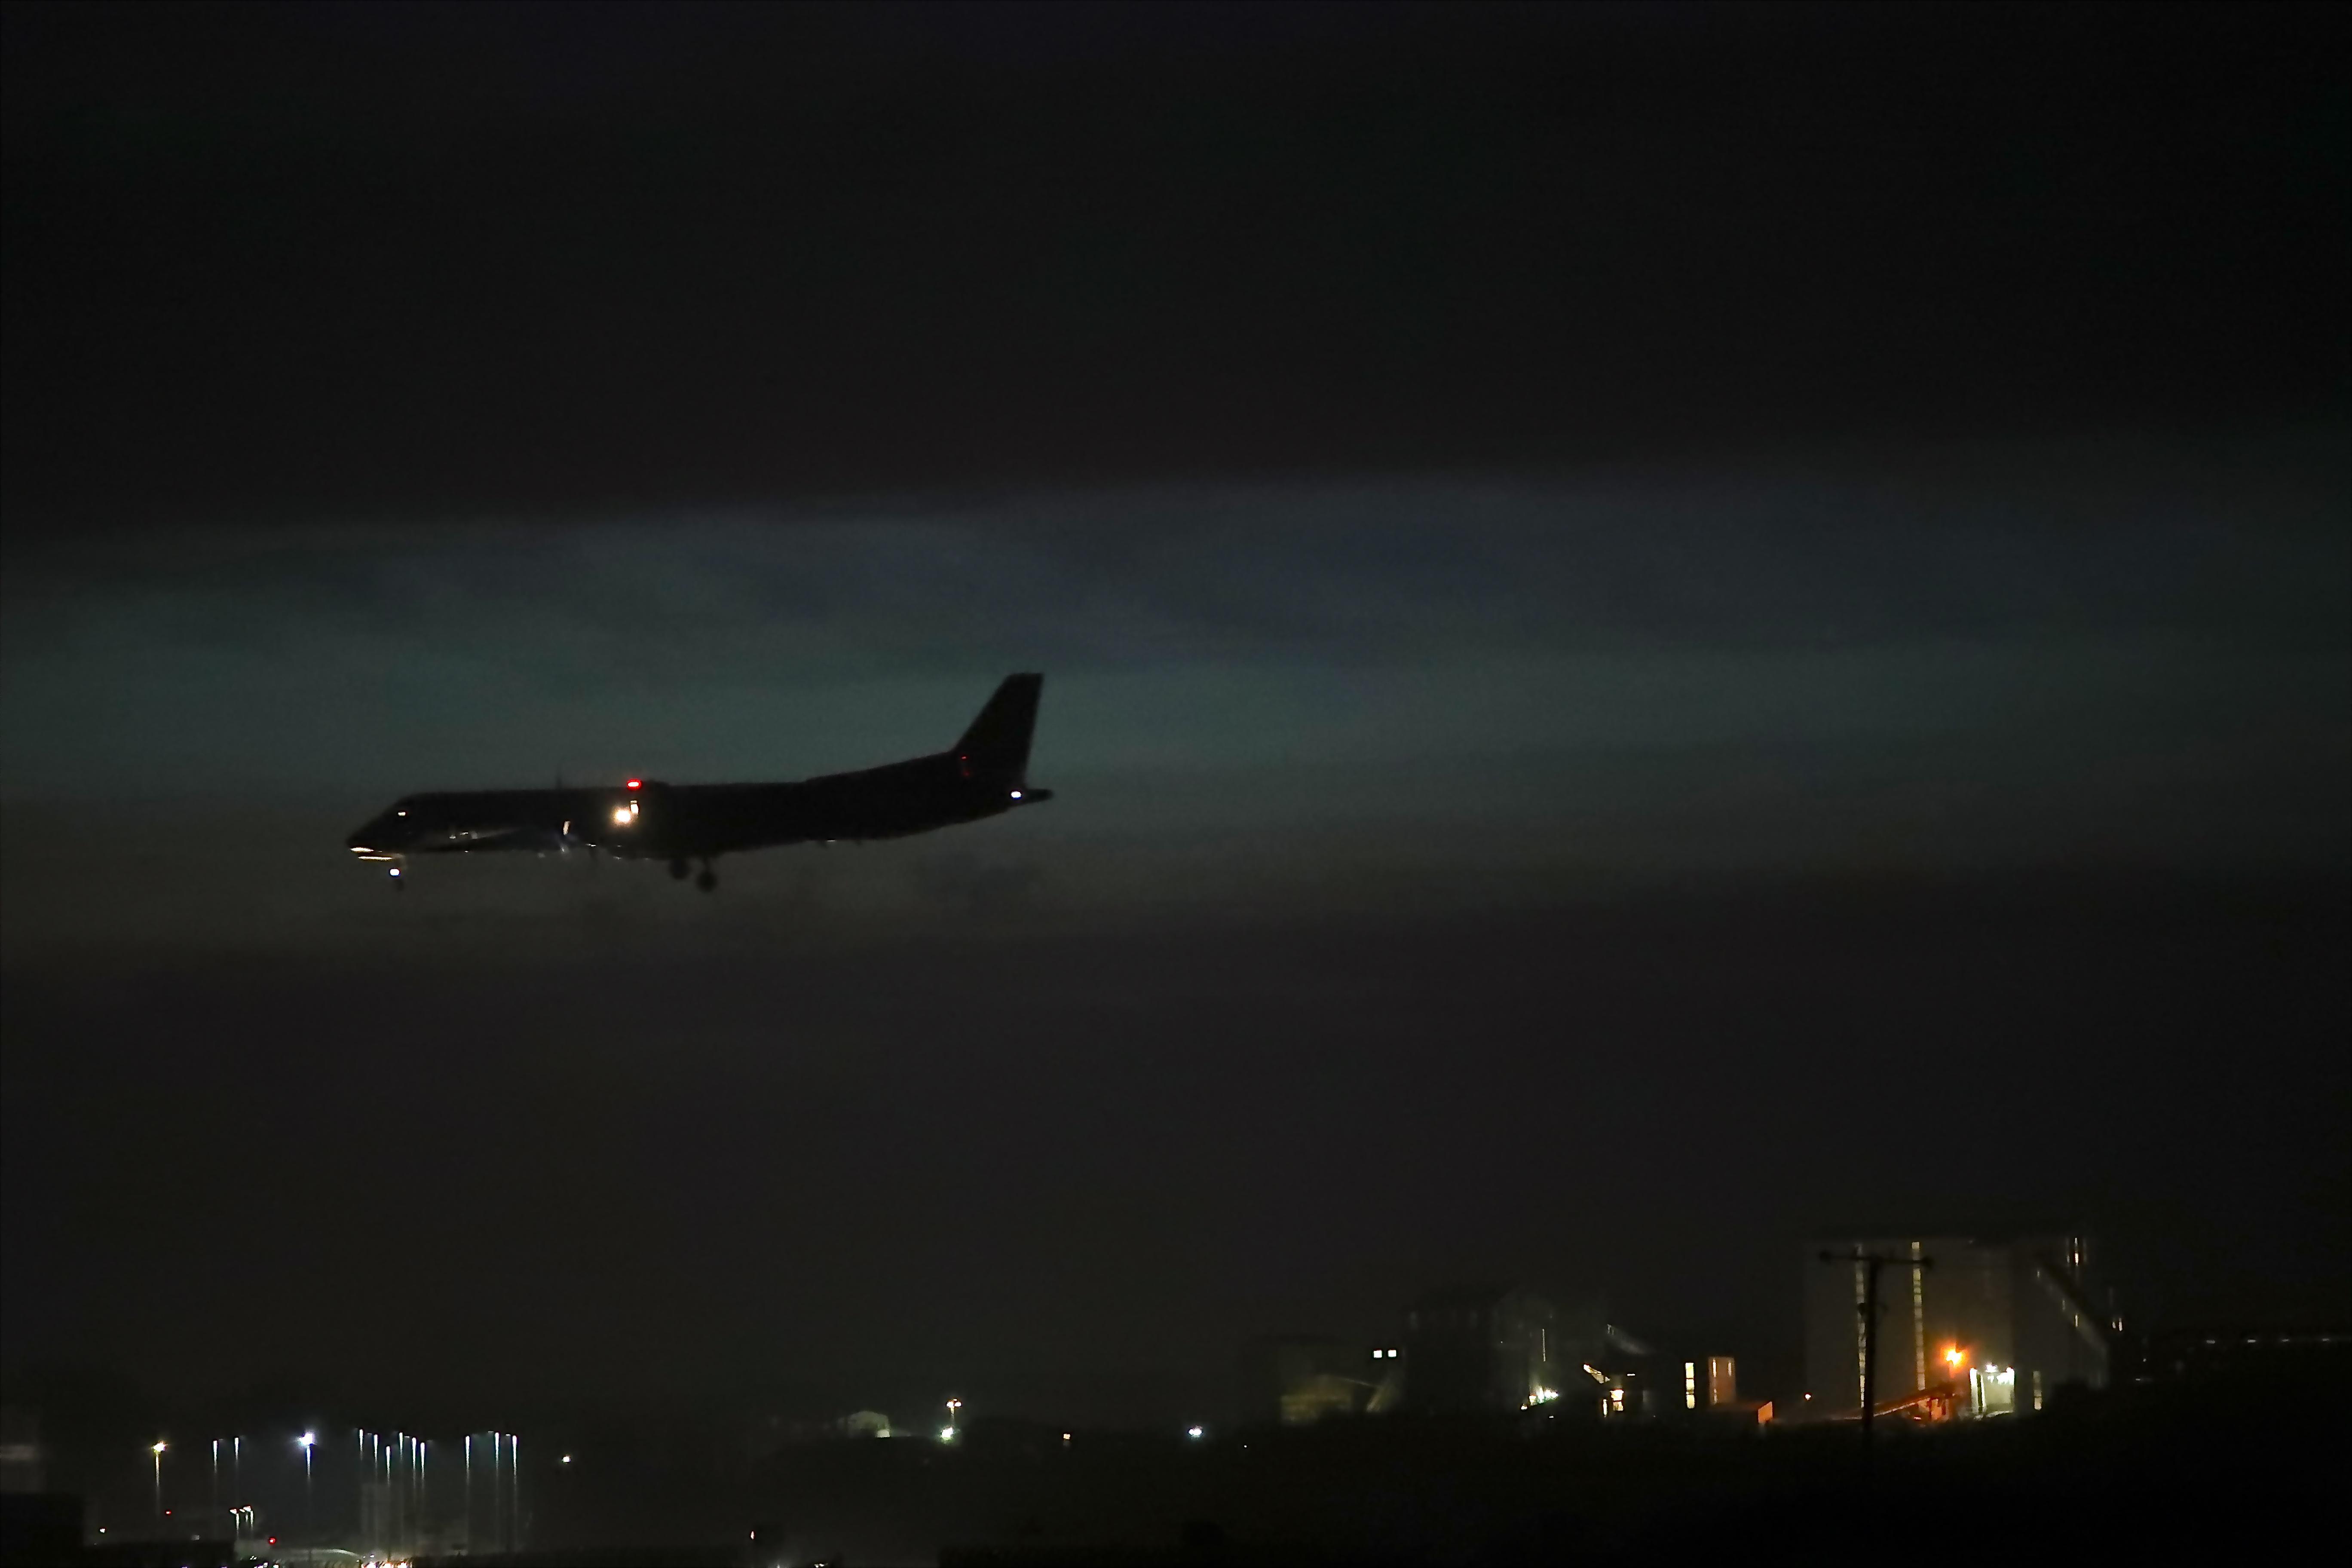 фото самолетов в ночном небе